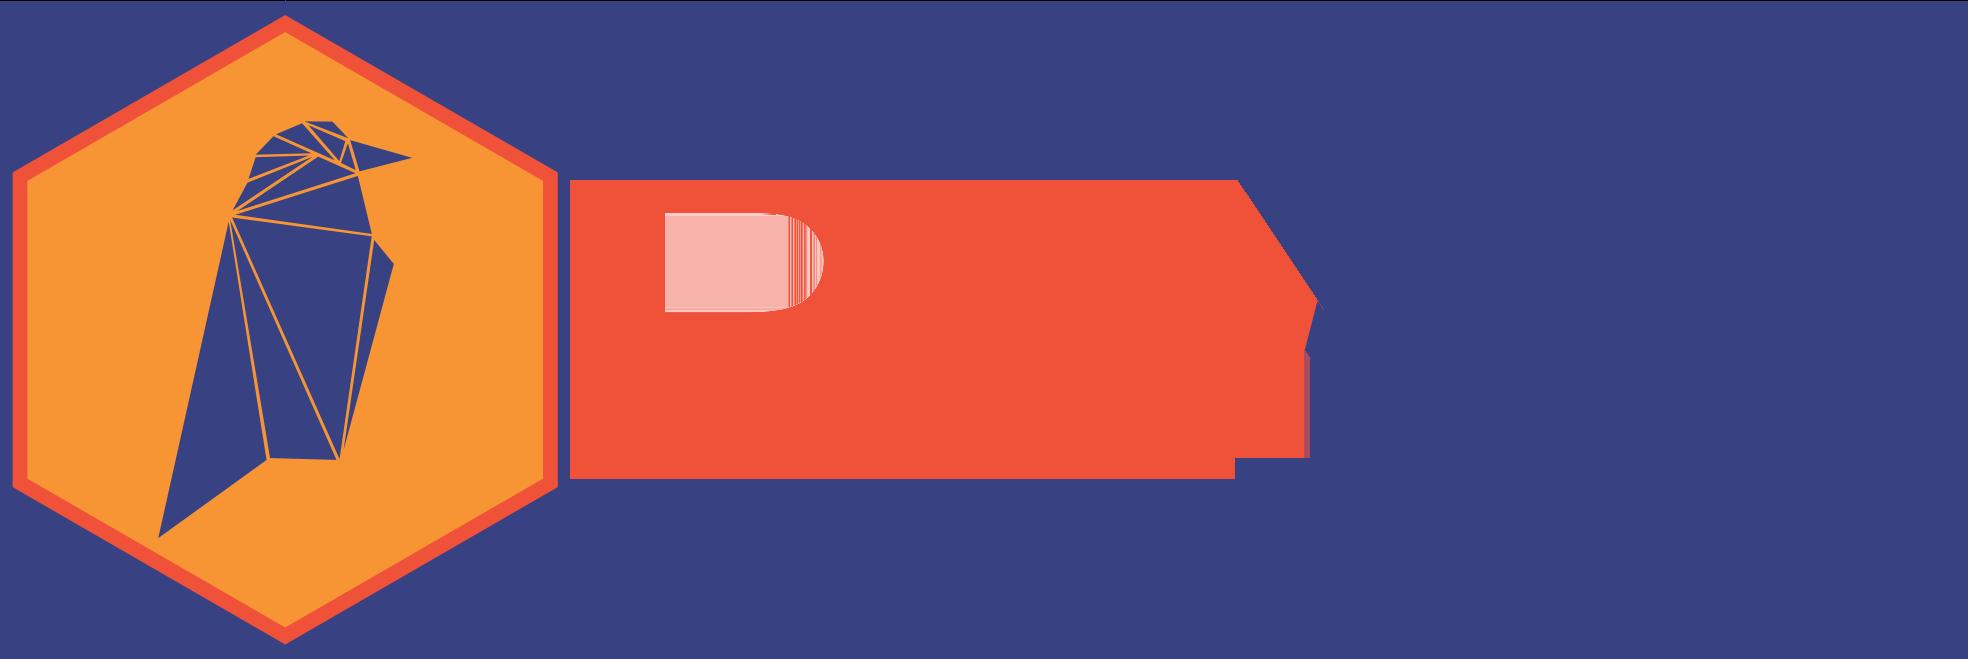 RVNFT